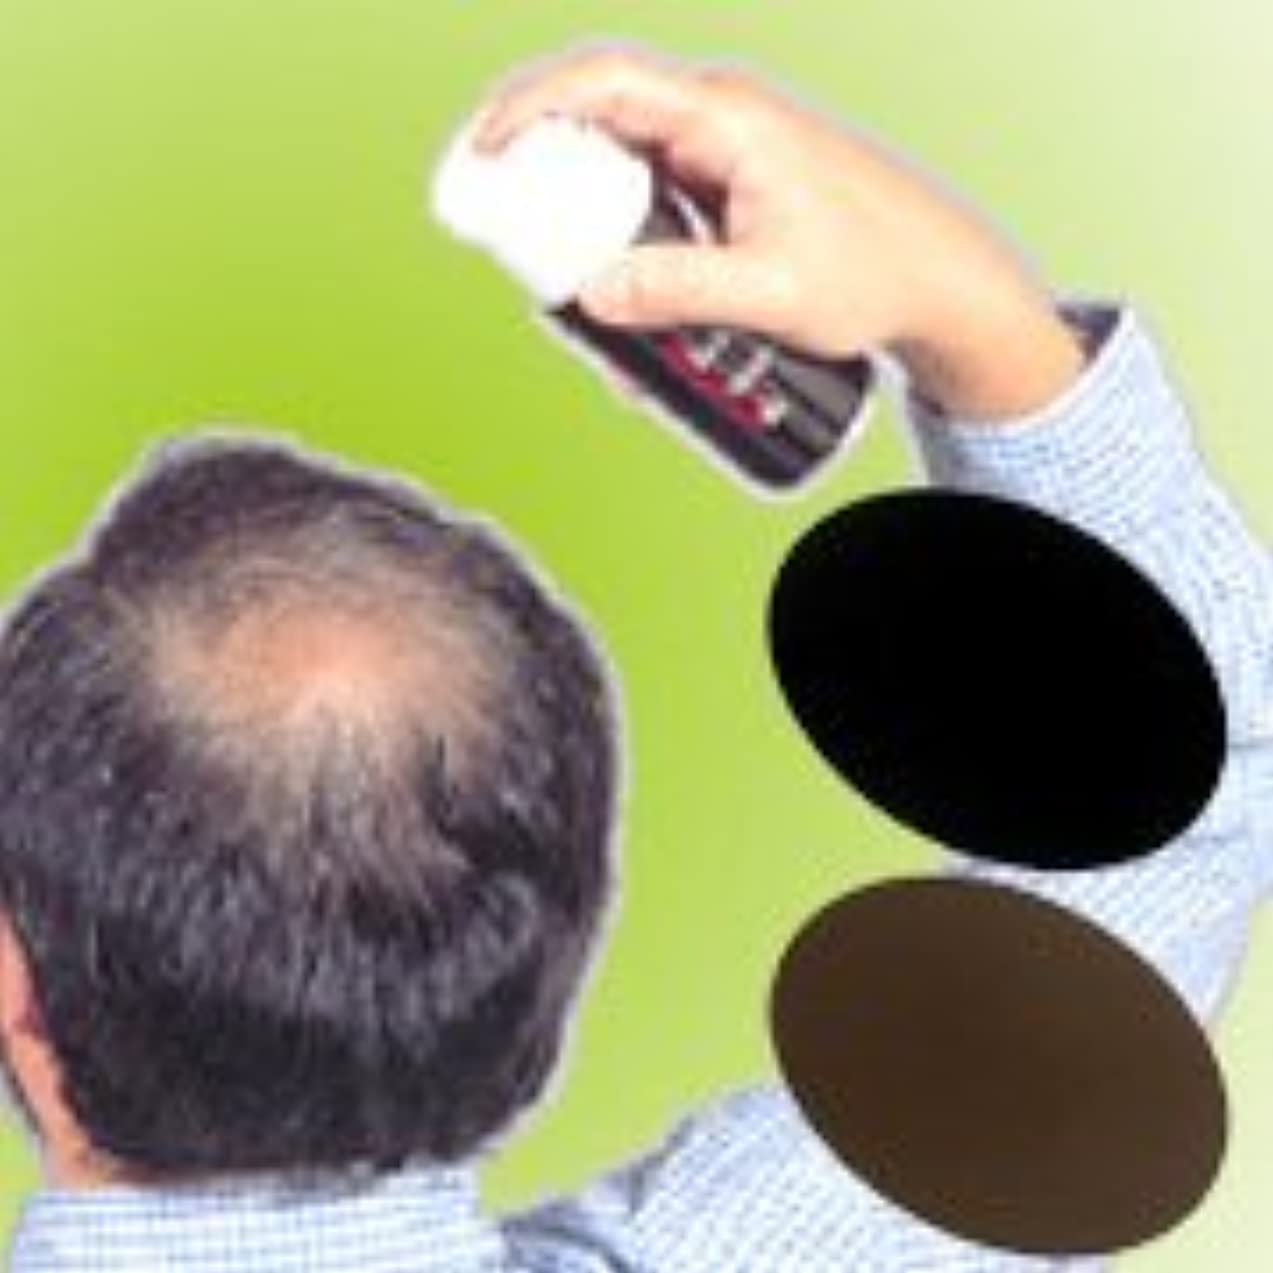 フロントバース仮定薄毛?白髪をワンタッチで隠します!男女兼用タイプの増毛スプレー!!【トミーリッチ ブラックヘアー】 (注意!商品の内訳は「ブラウン<数量12単位>」のみ)